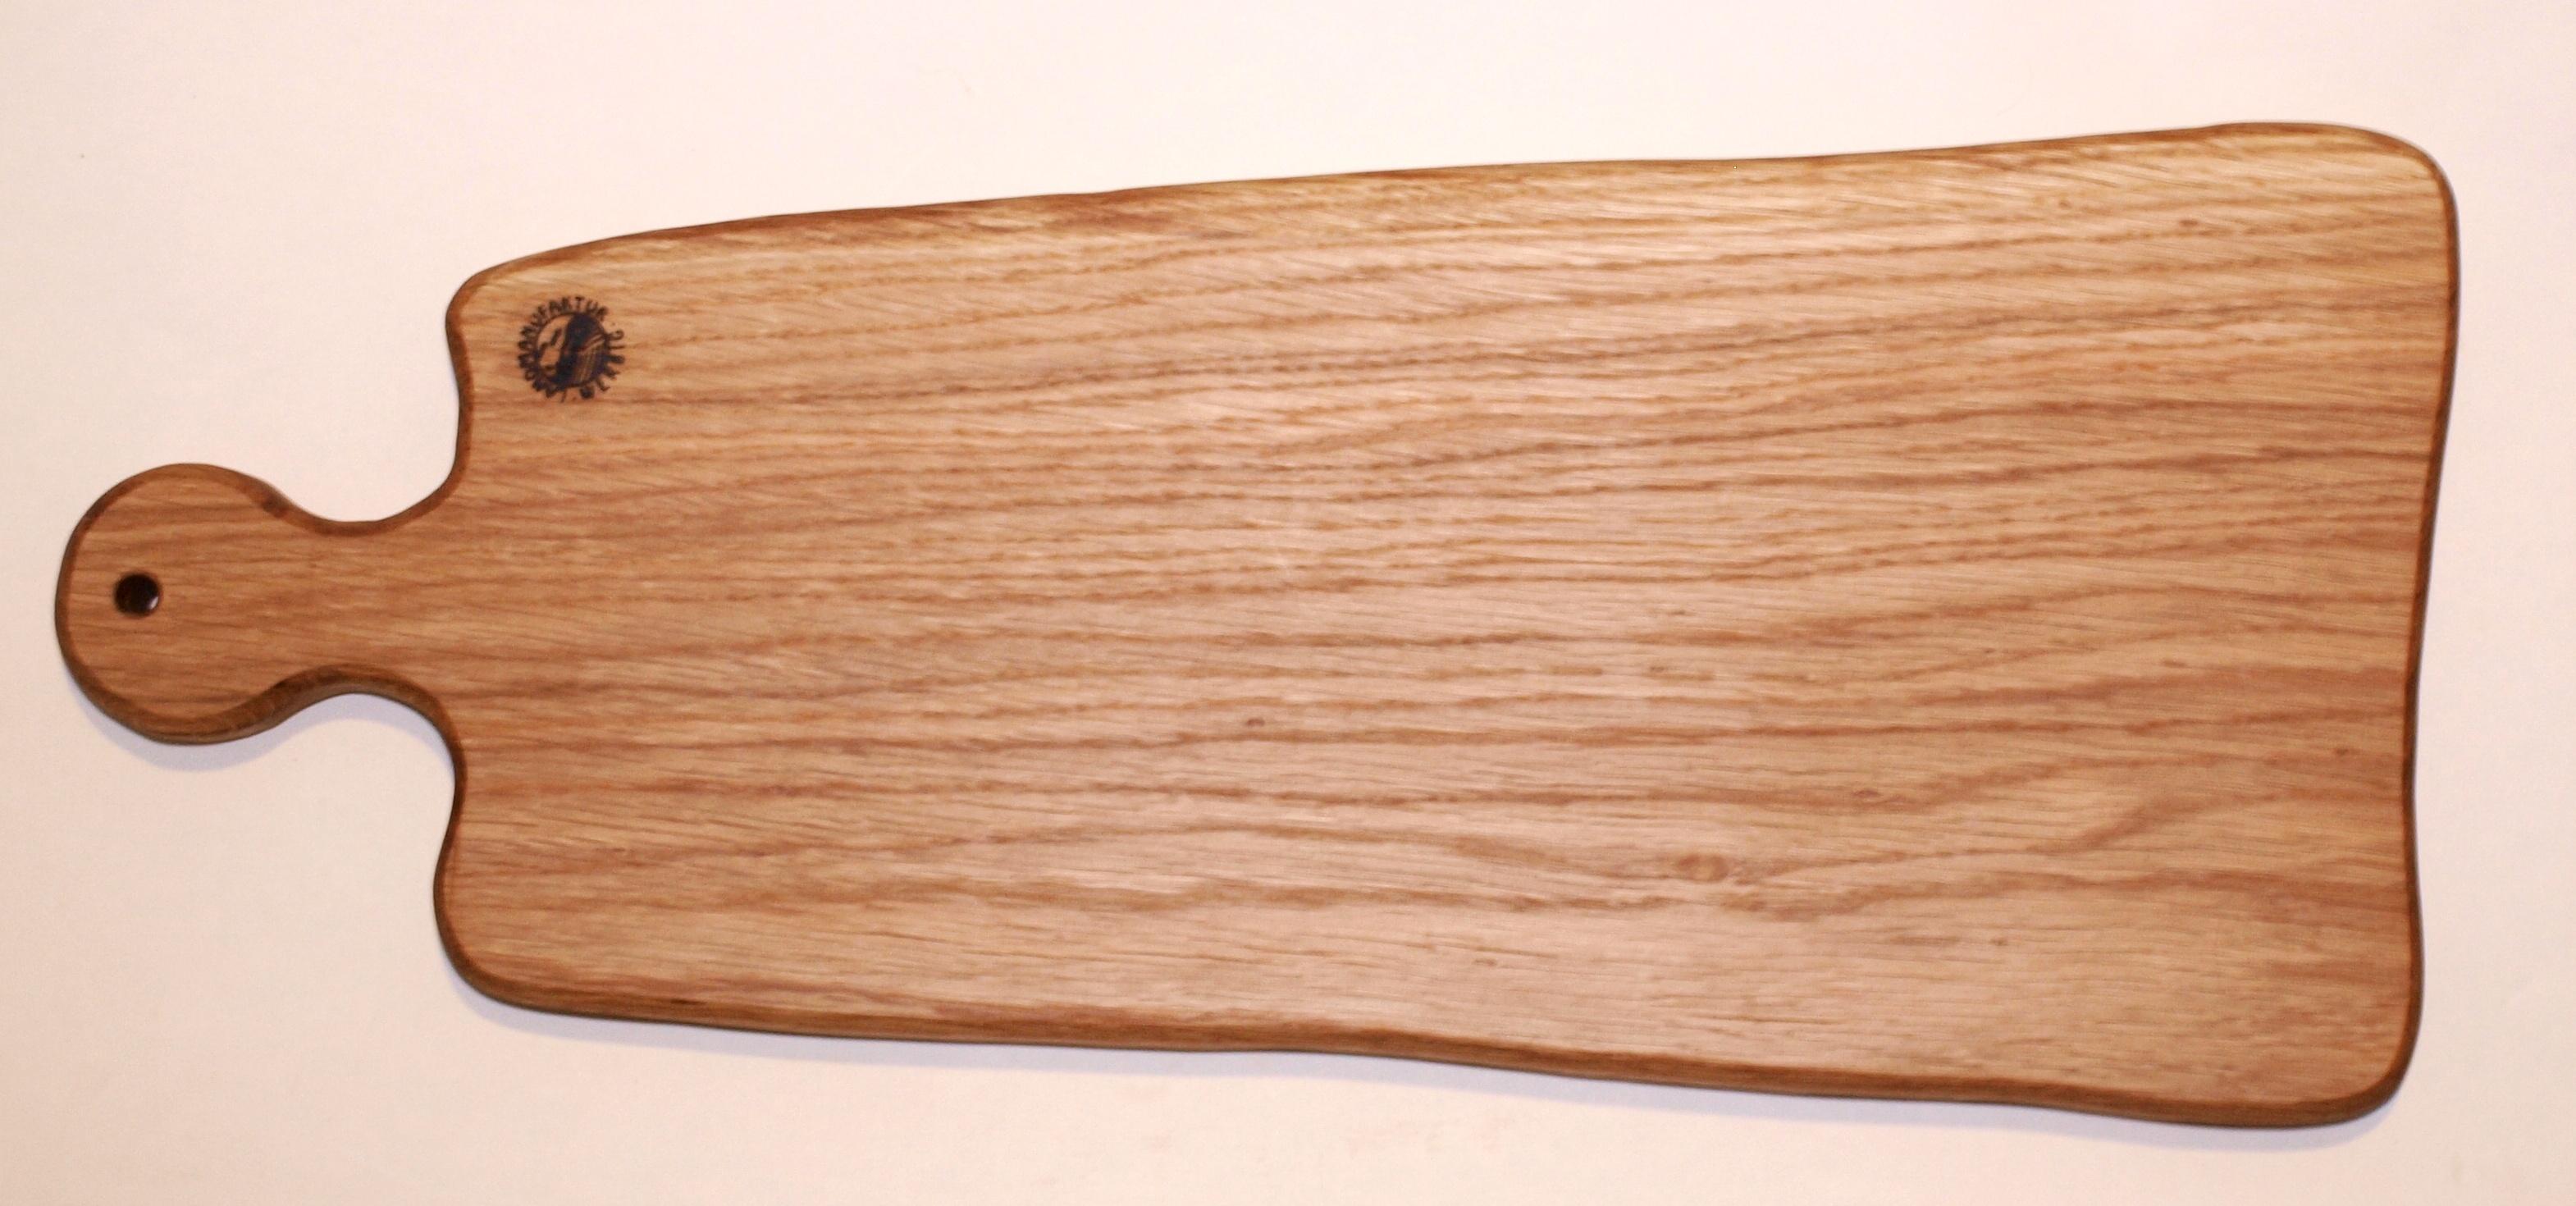 manufaktur f r schneidebrett jausenbrett mit griff online kaufen. Black Bedroom Furniture Sets. Home Design Ideas